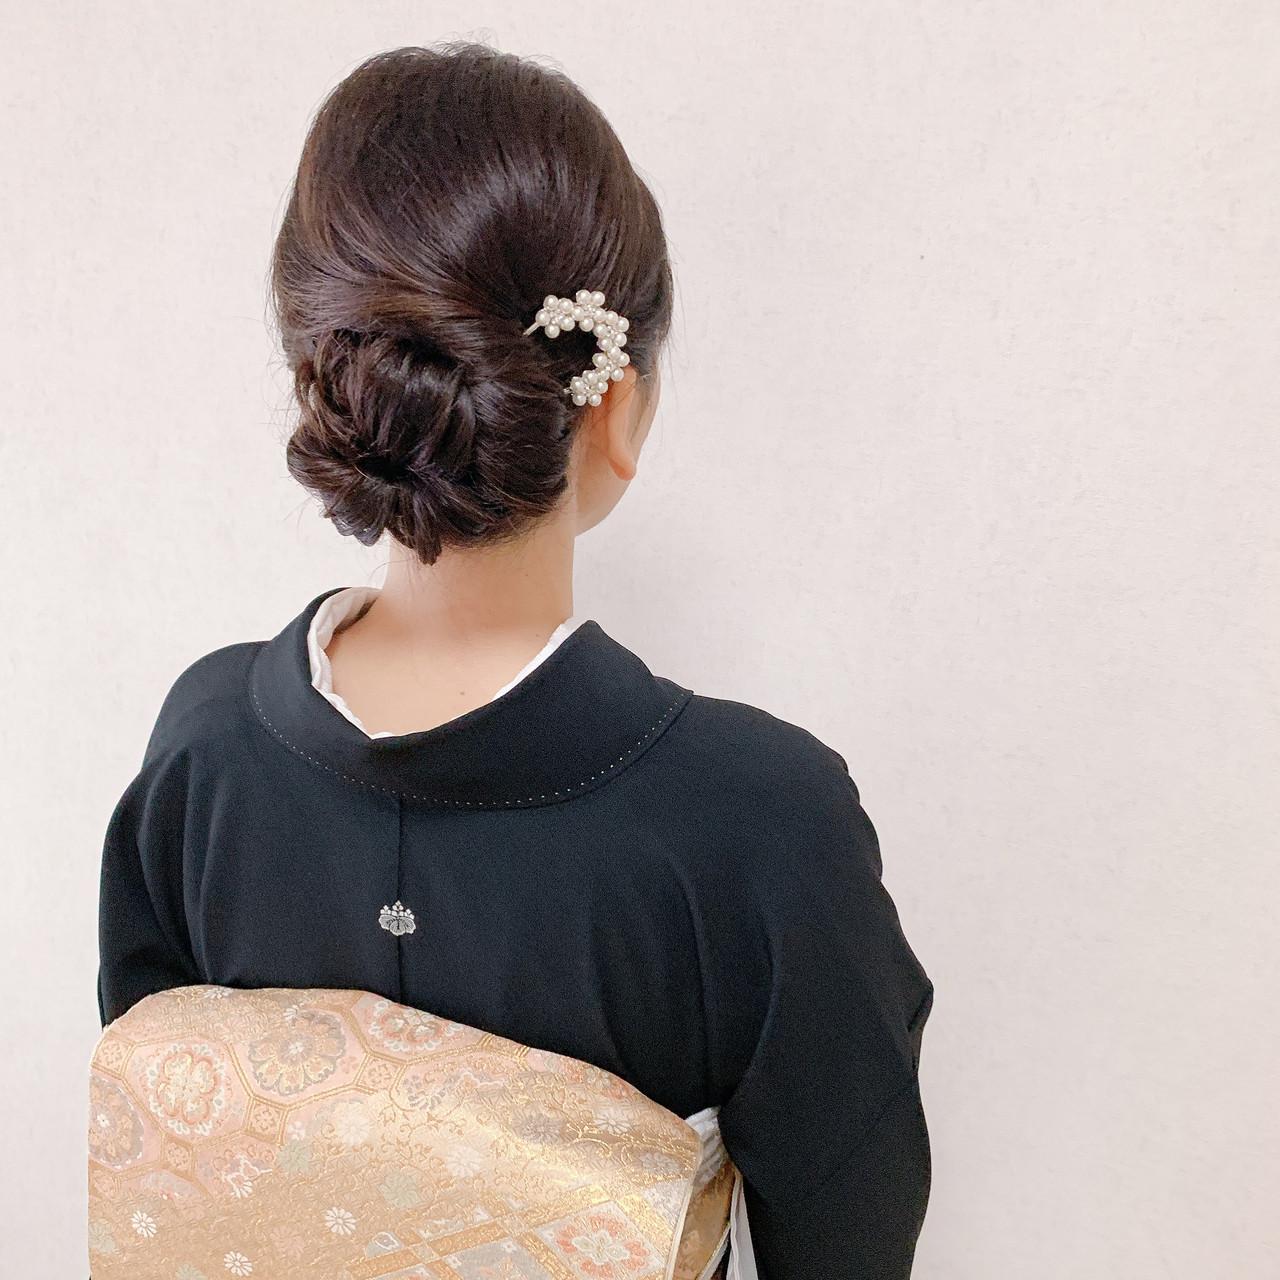 卒業式 エレガント 着物 ミディアム ヘアスタイルや髪型の写真・画像